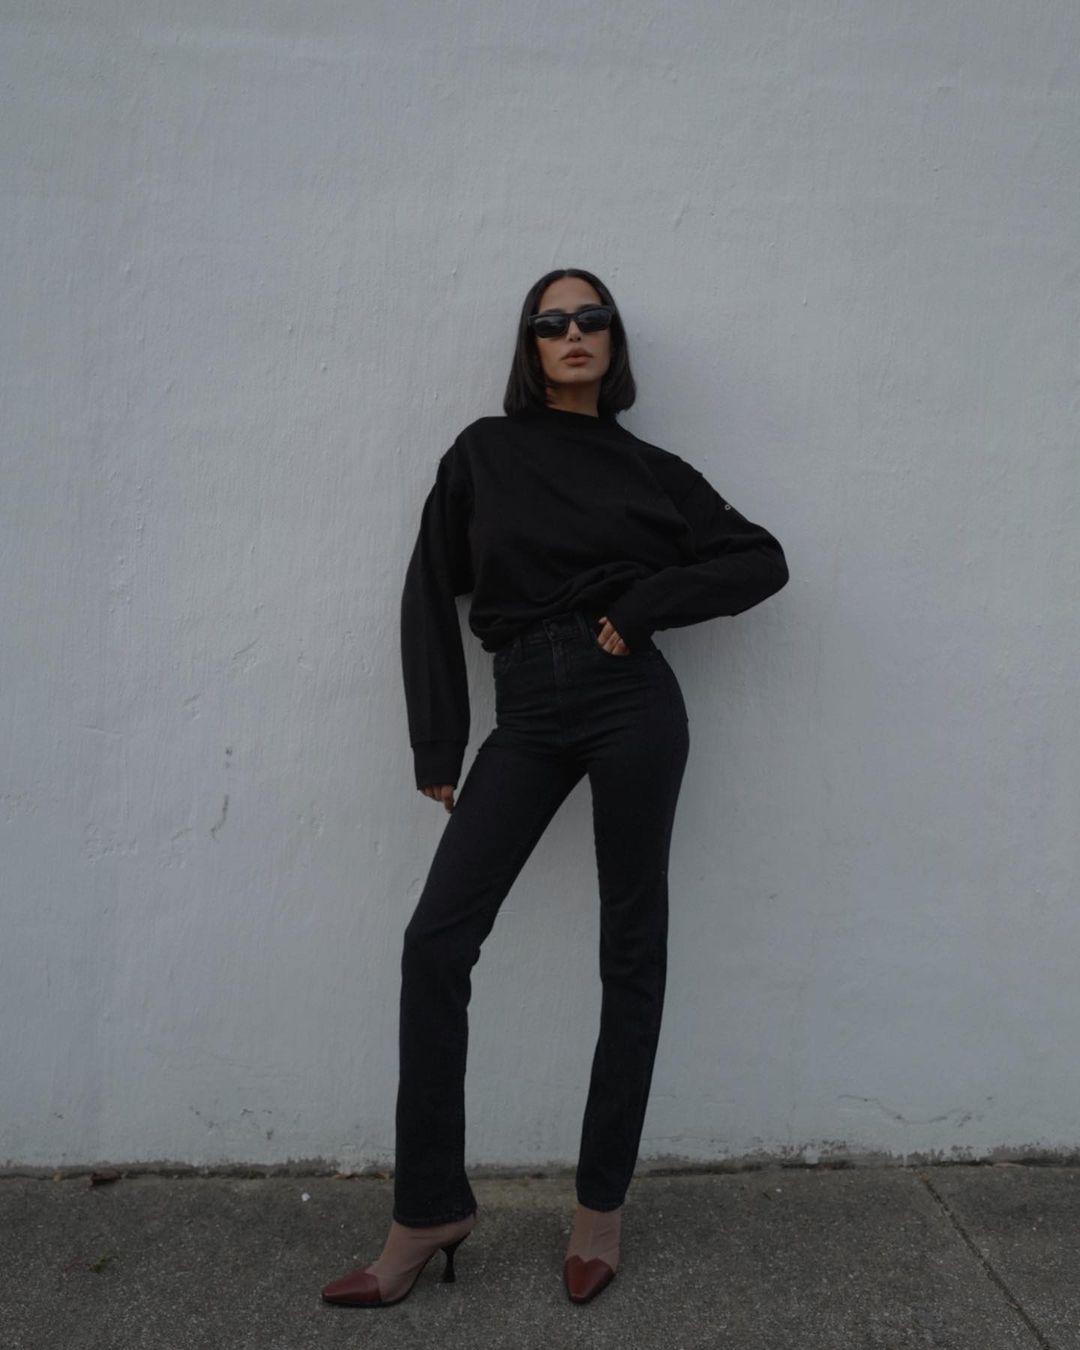 Lauren-Johnson-Wallpapers-Insta-Fit-Bio-4